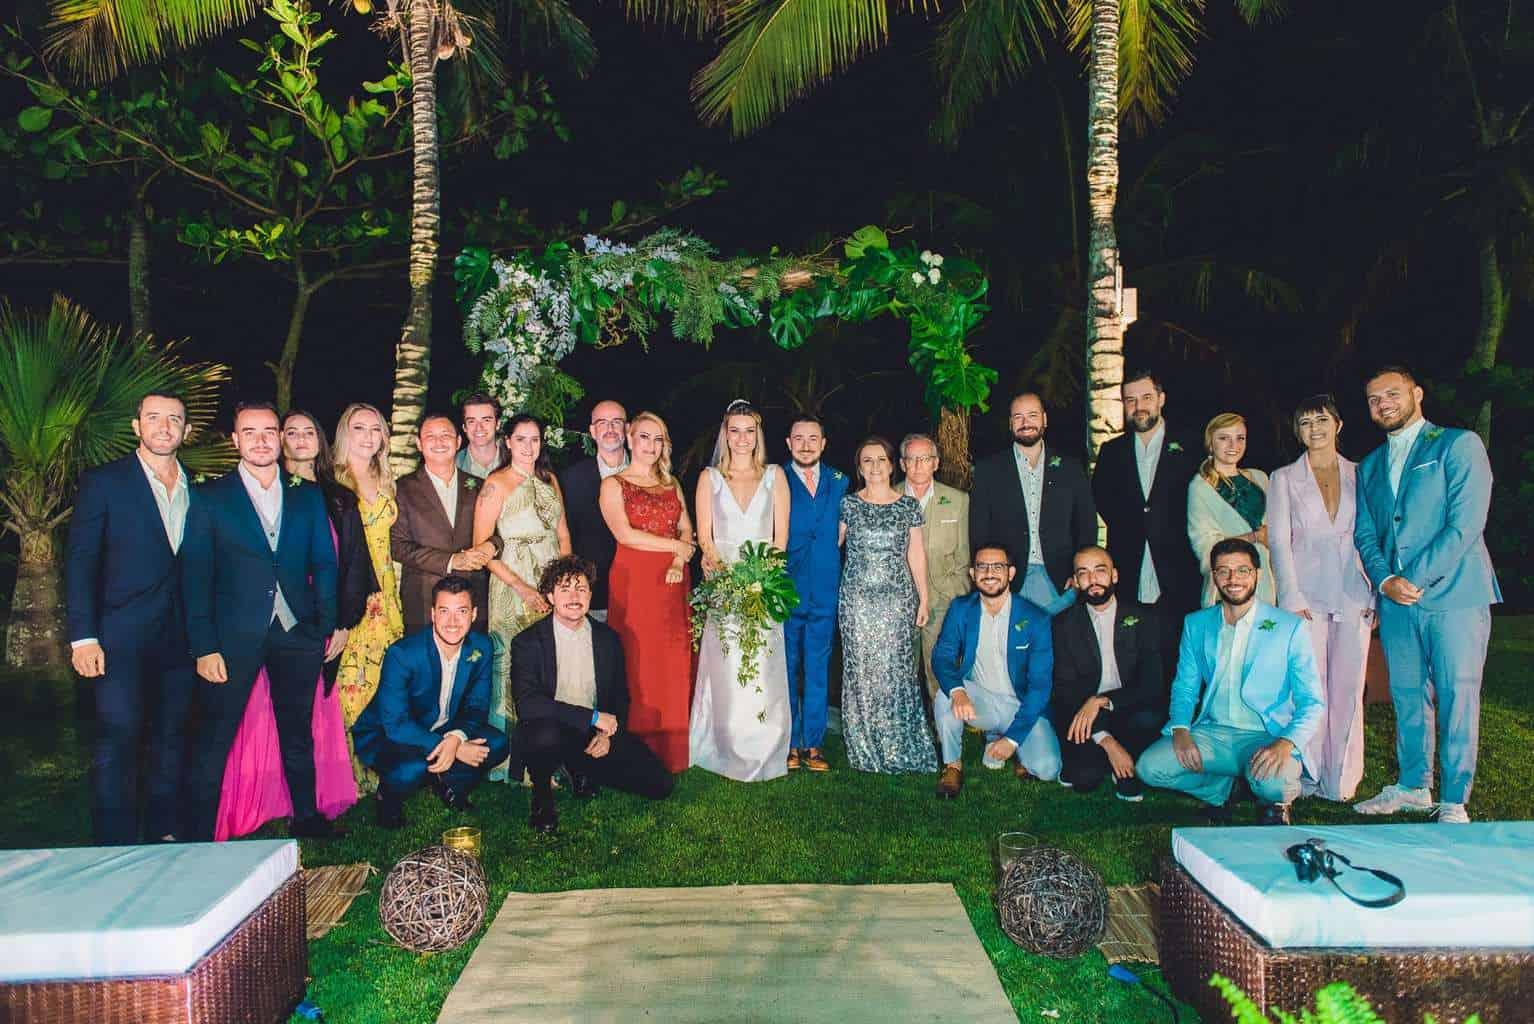 Casamento-Muvone_por-Wesley-Allen_baixa171